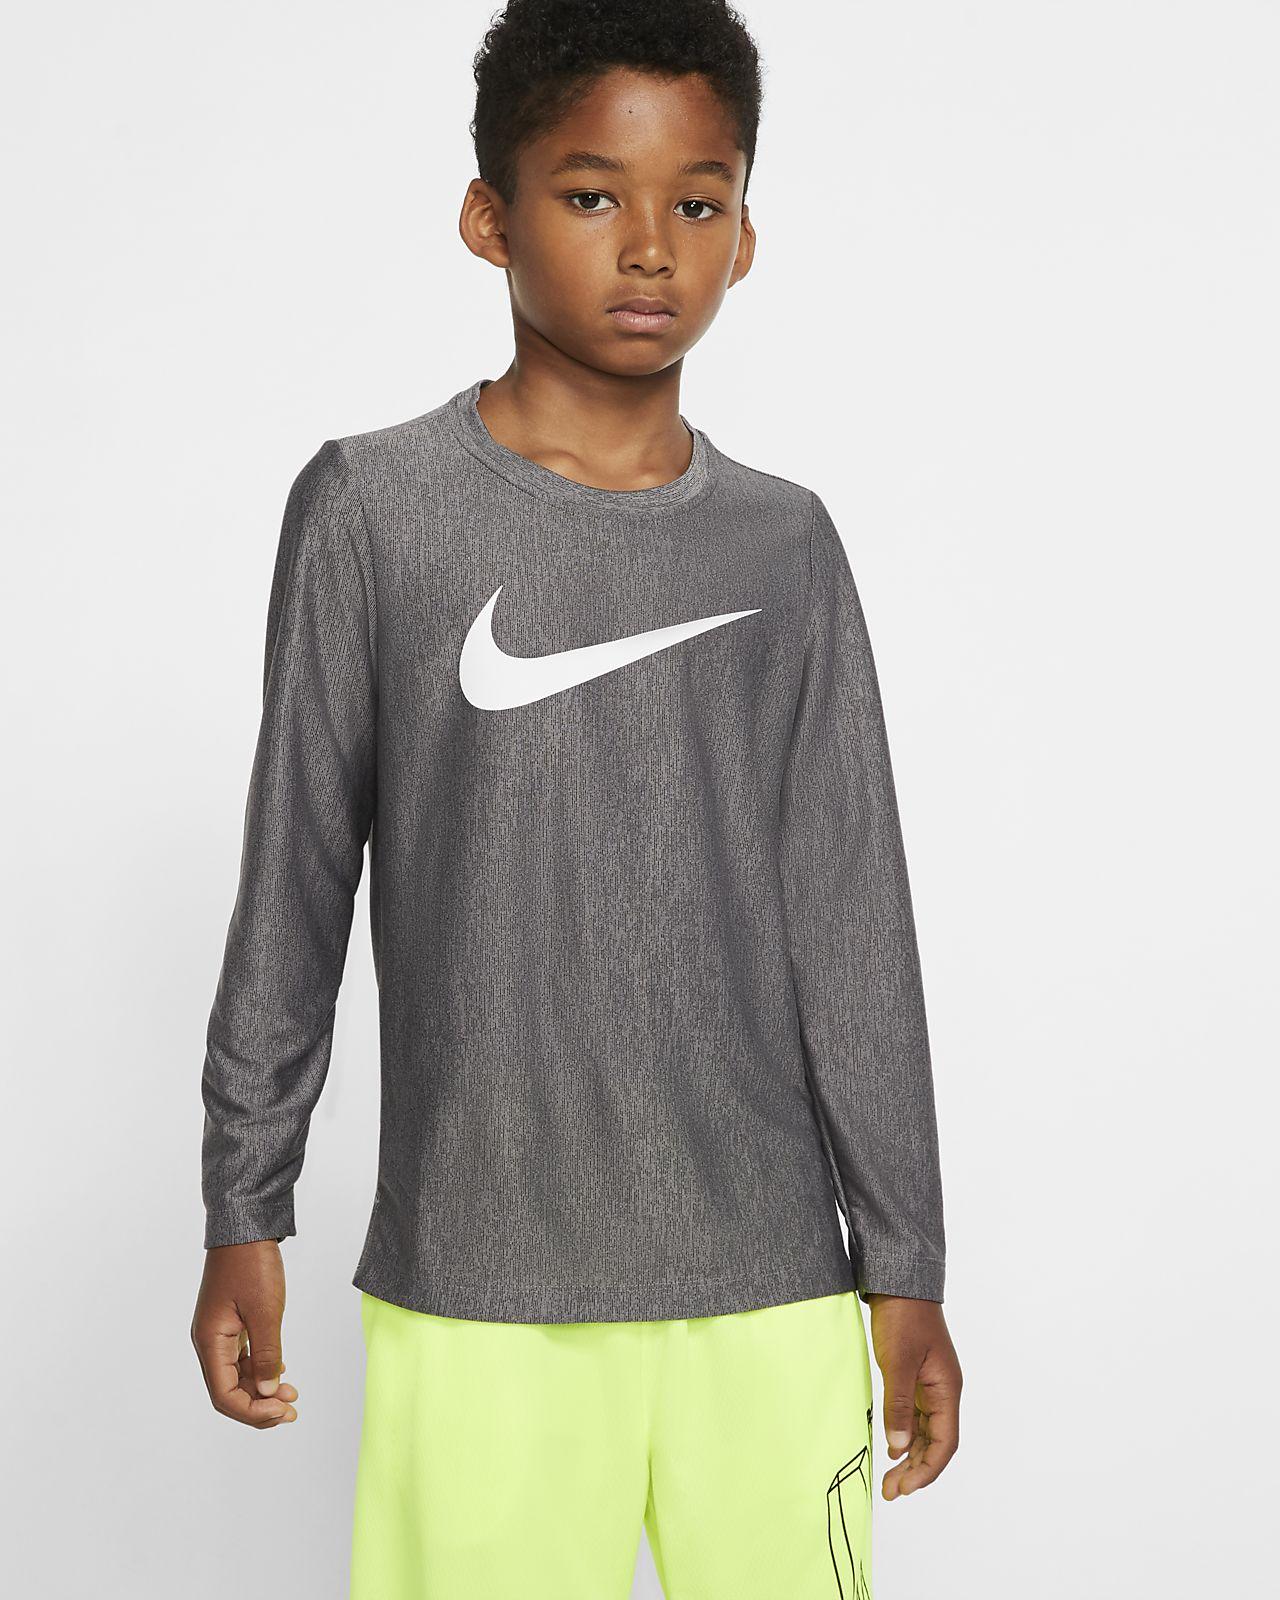 Långärmad träningströja Nike Dri-FIT för killar